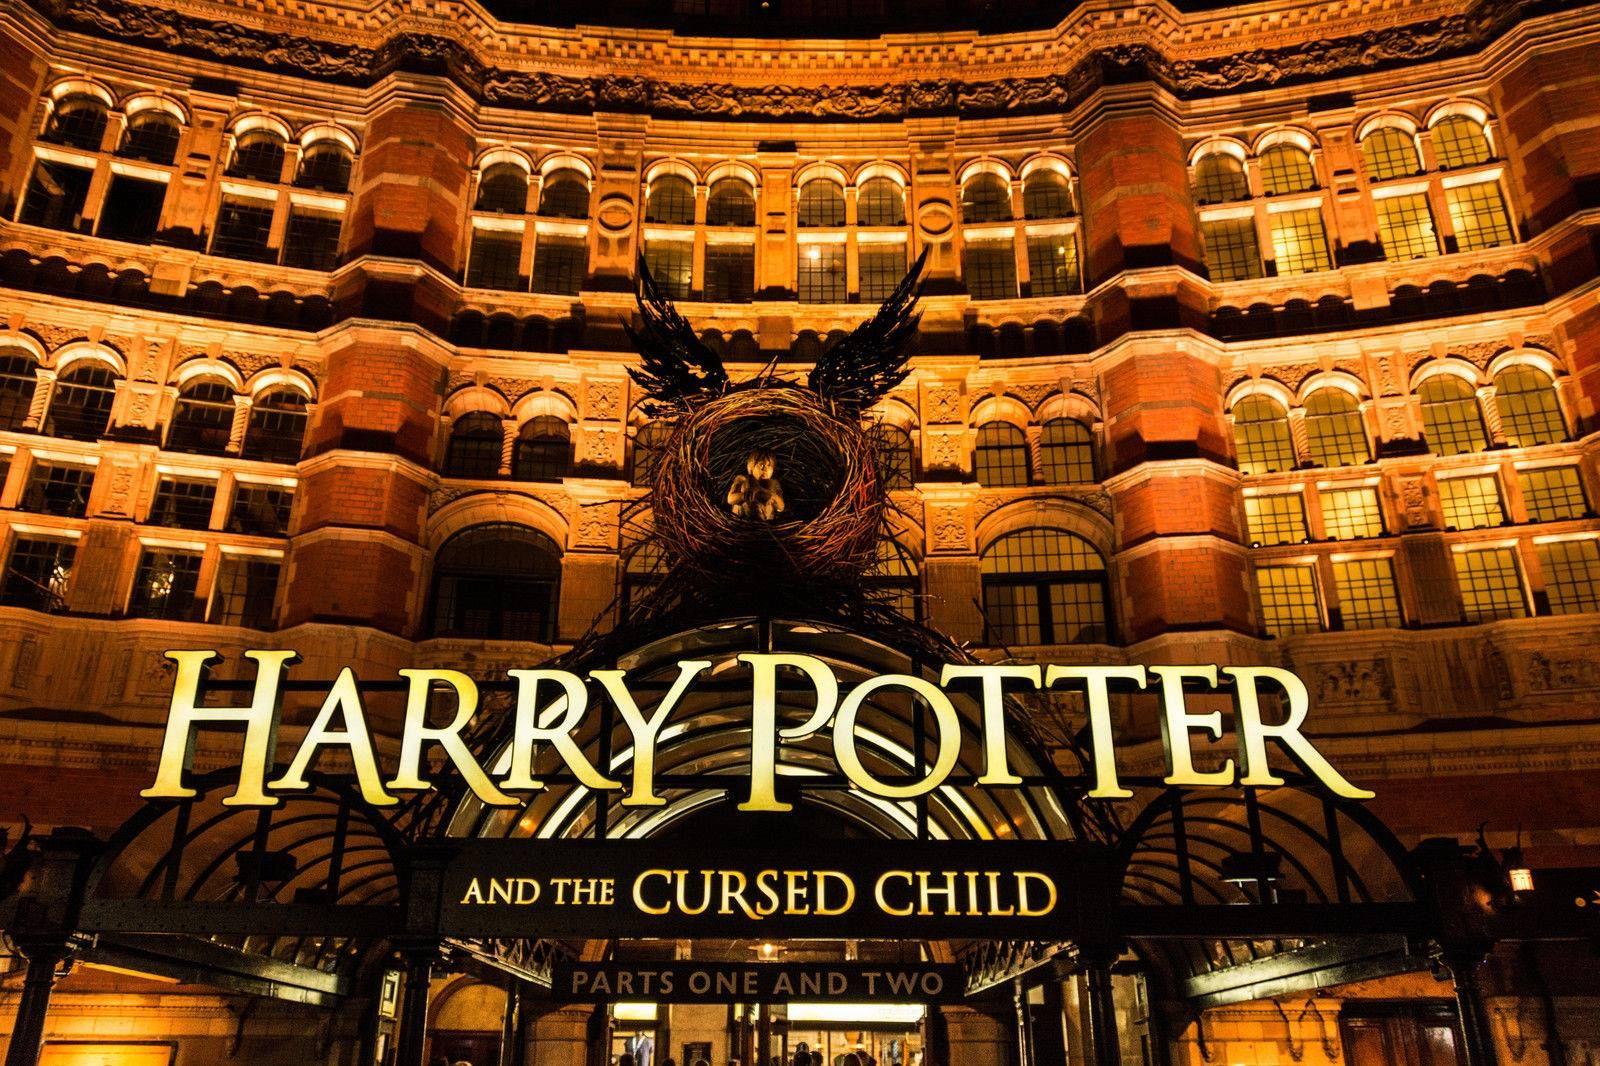 Sera Que A Peca Harry Potter And The Cursed Child Esta Sendo Filmada Foram Reveladas Fotos Ontem No Instagram Que Mostram Harry Potter Cursed Child Harry